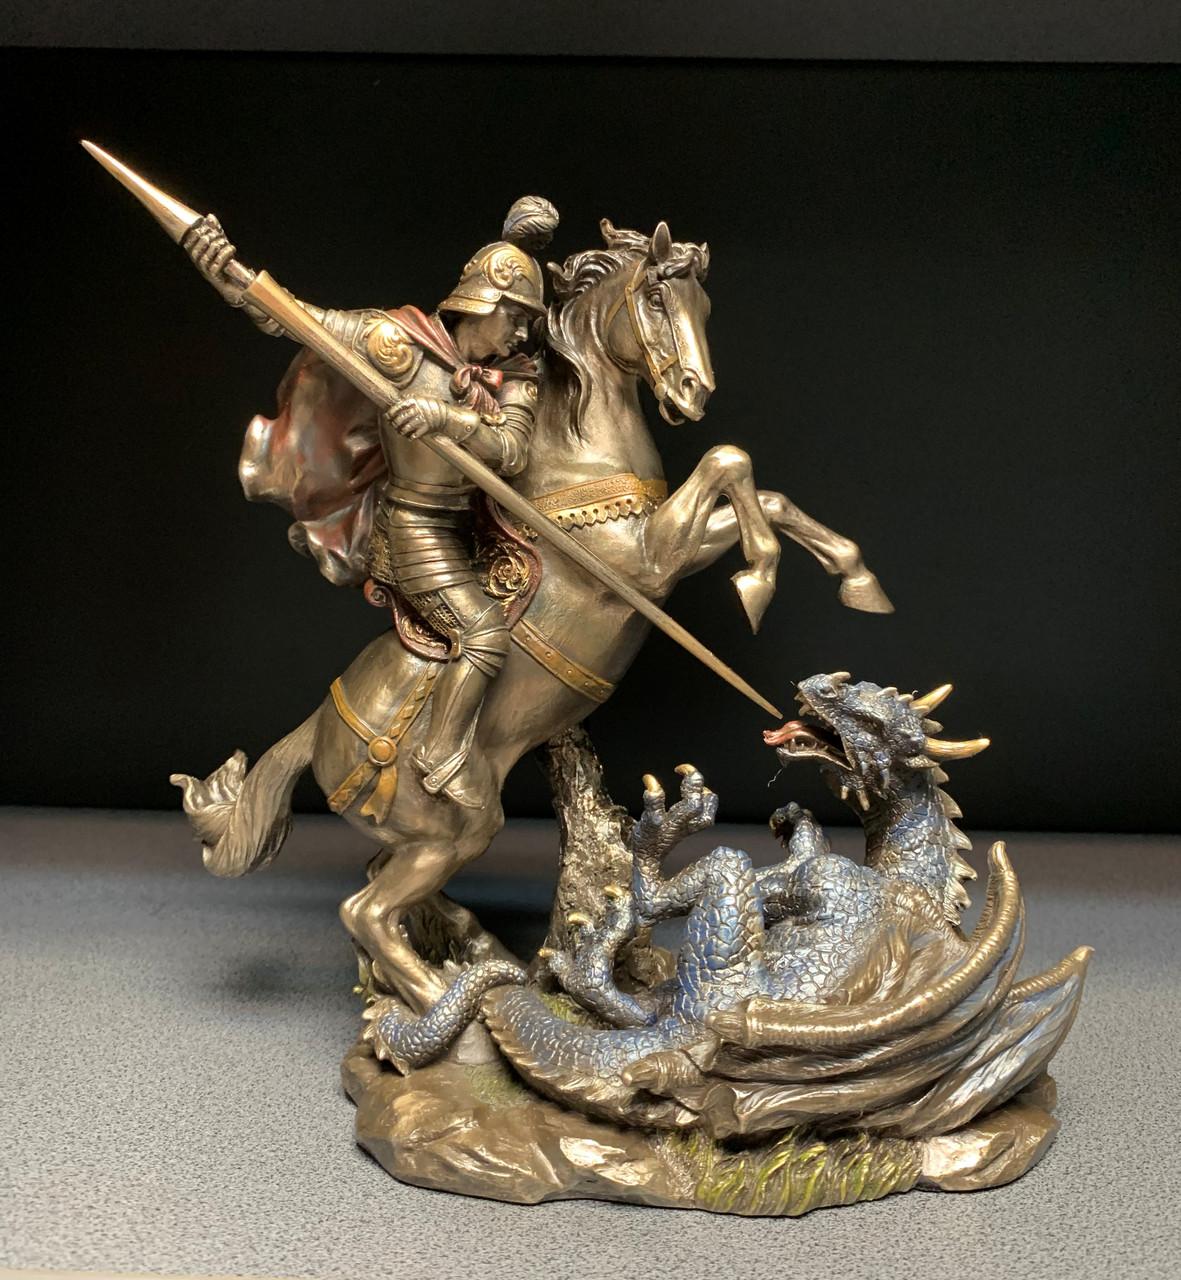 Статуэтка Veronese Георгий Победоносец на коне с бронзовым покрытием 75858A4